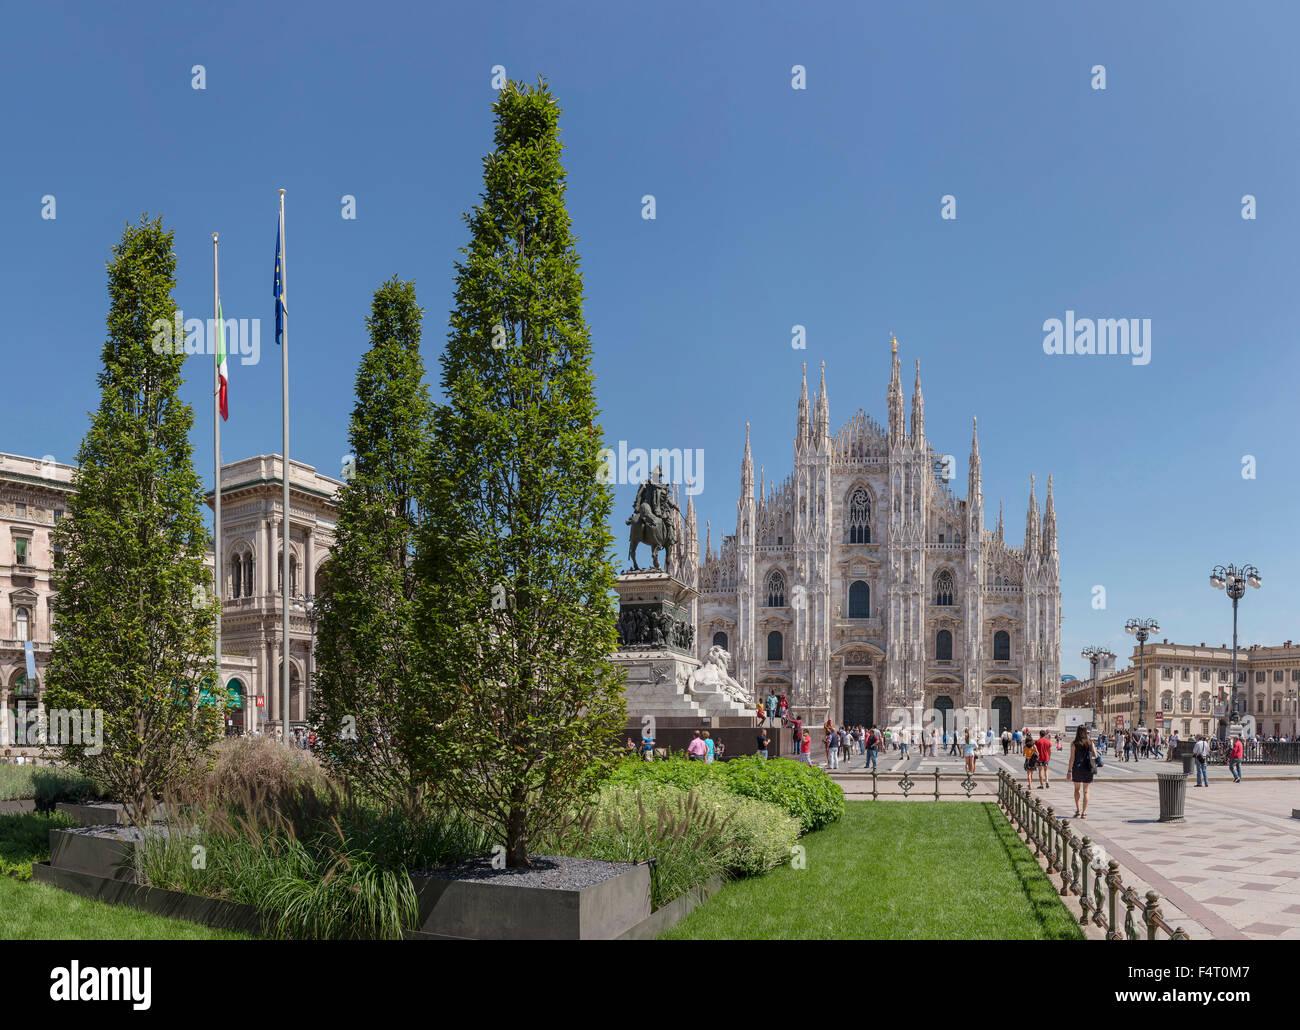 Italy, Europe, Milano, Lombardy, Piazza del Duomo, Duomo di Milano, dome, church, Monumento Equestre a Vittorio - Stock Image